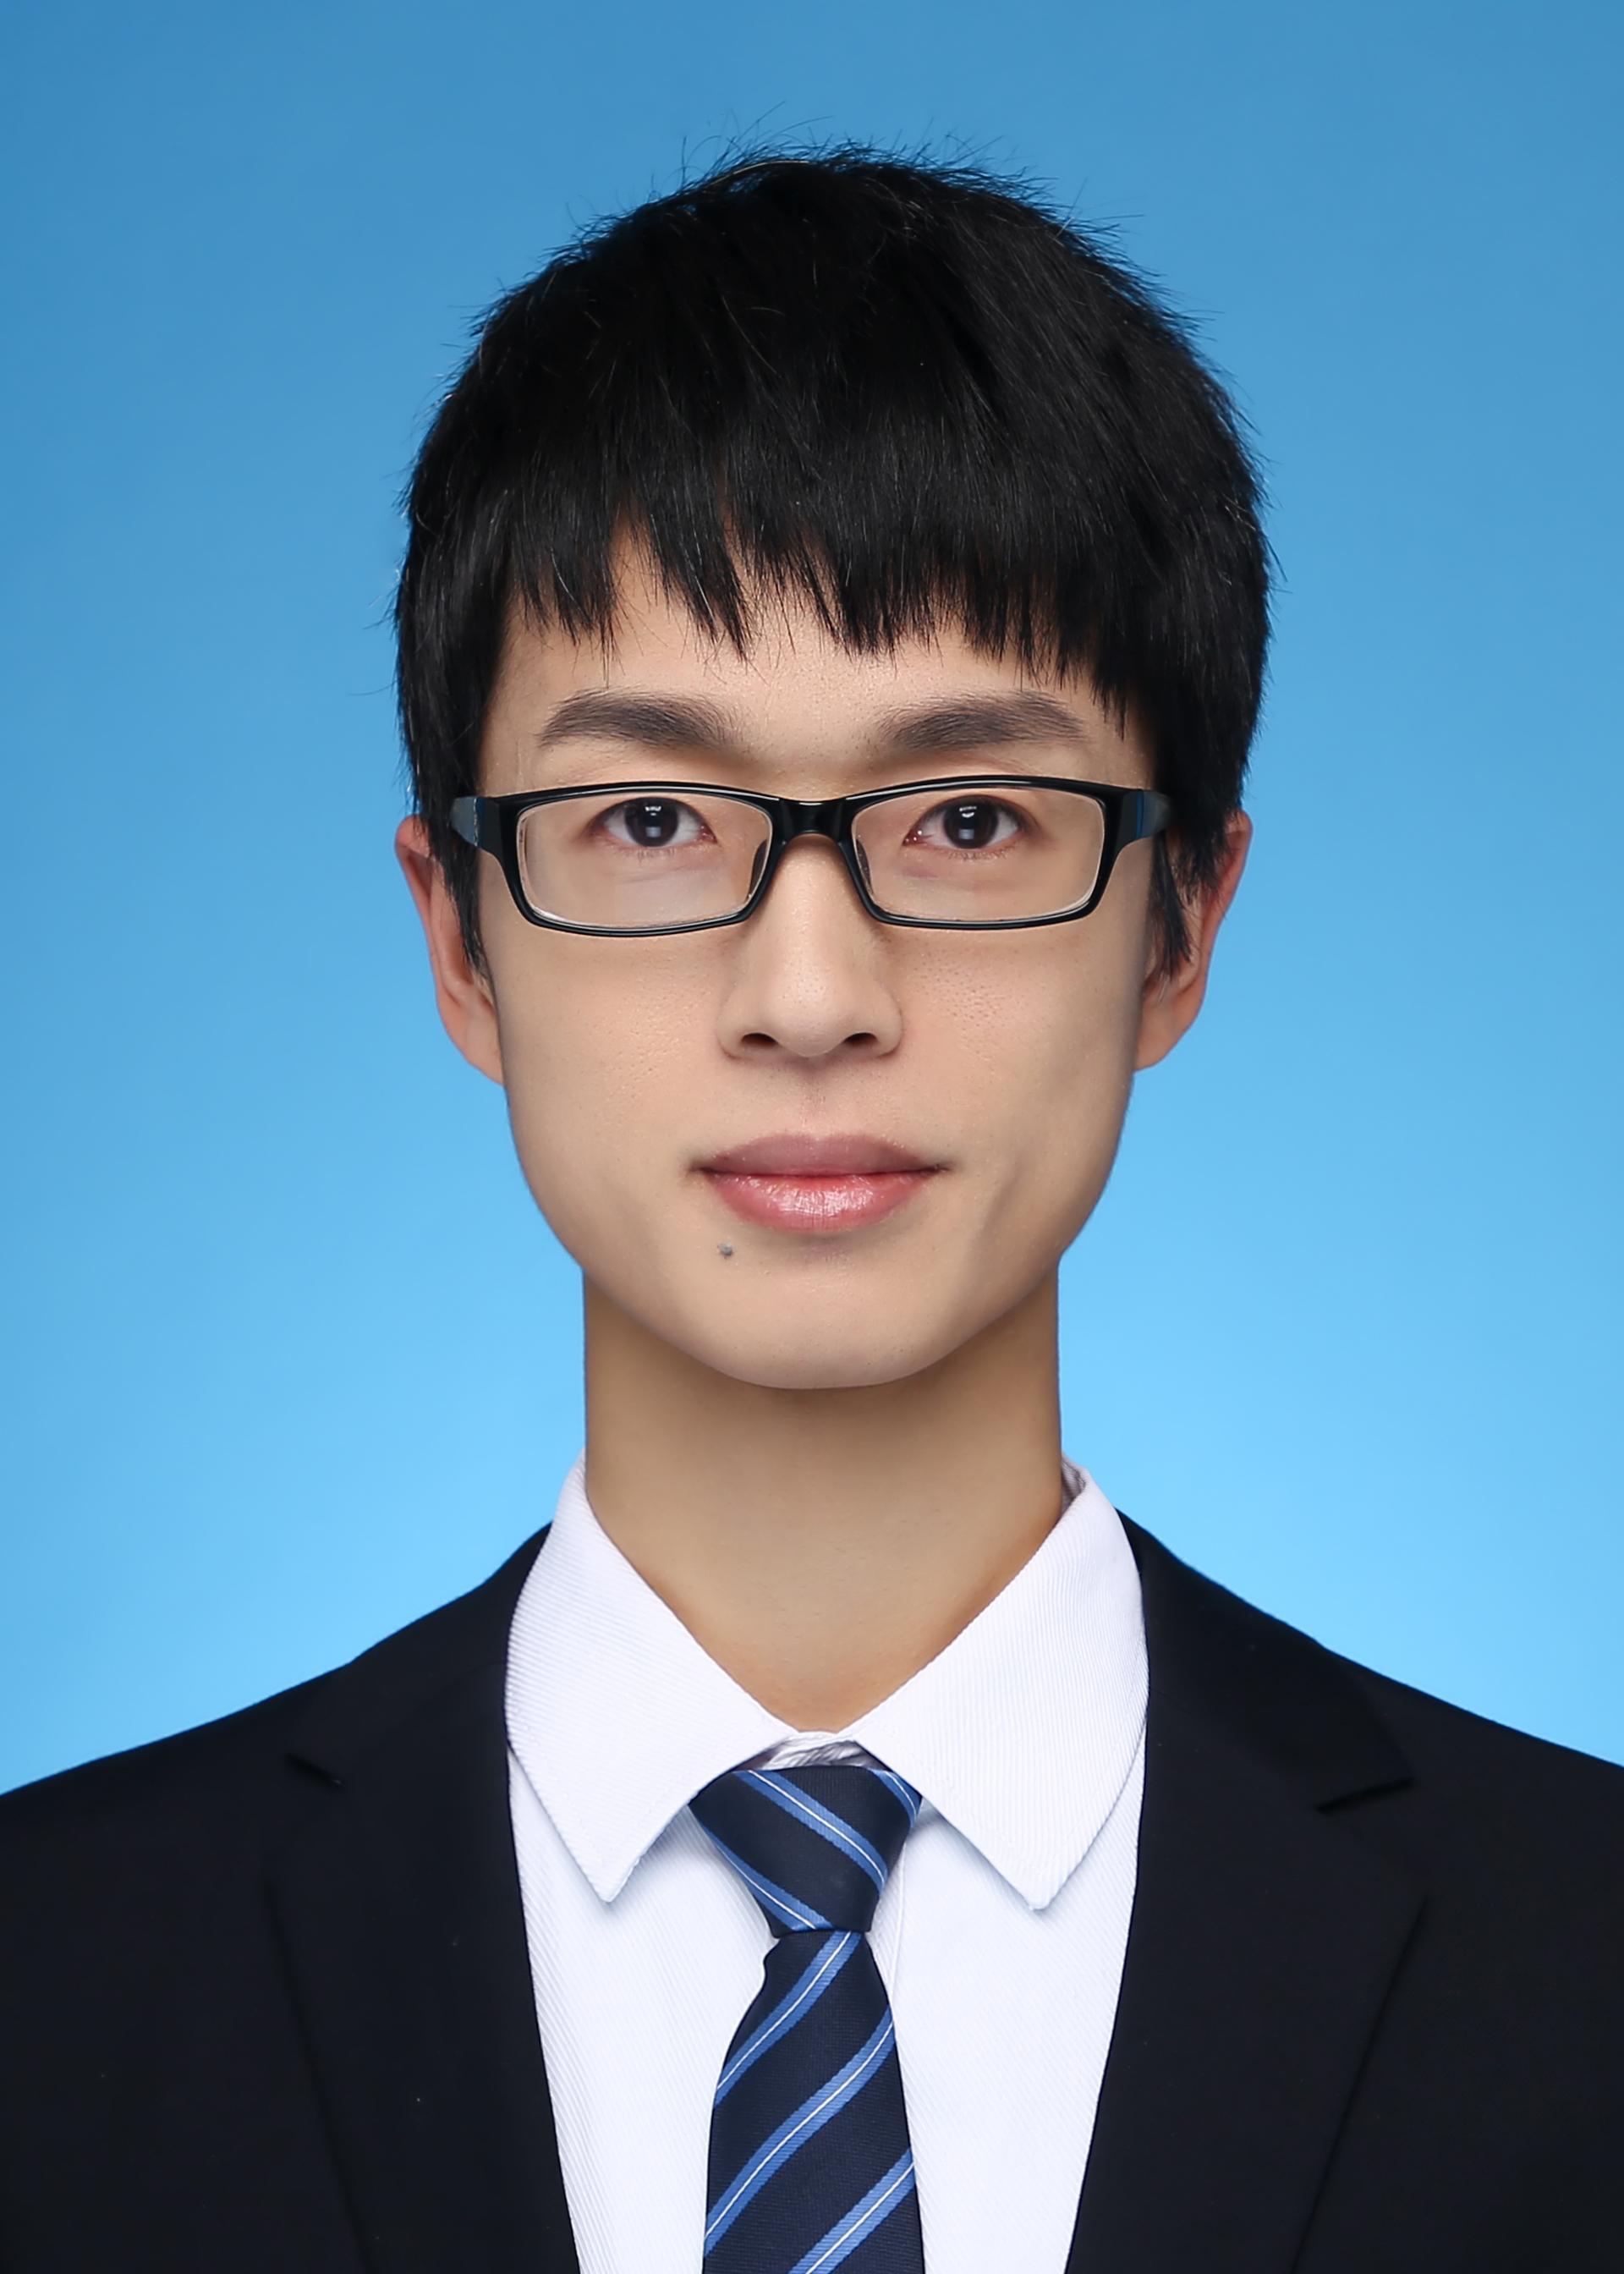 上海家教肖老師